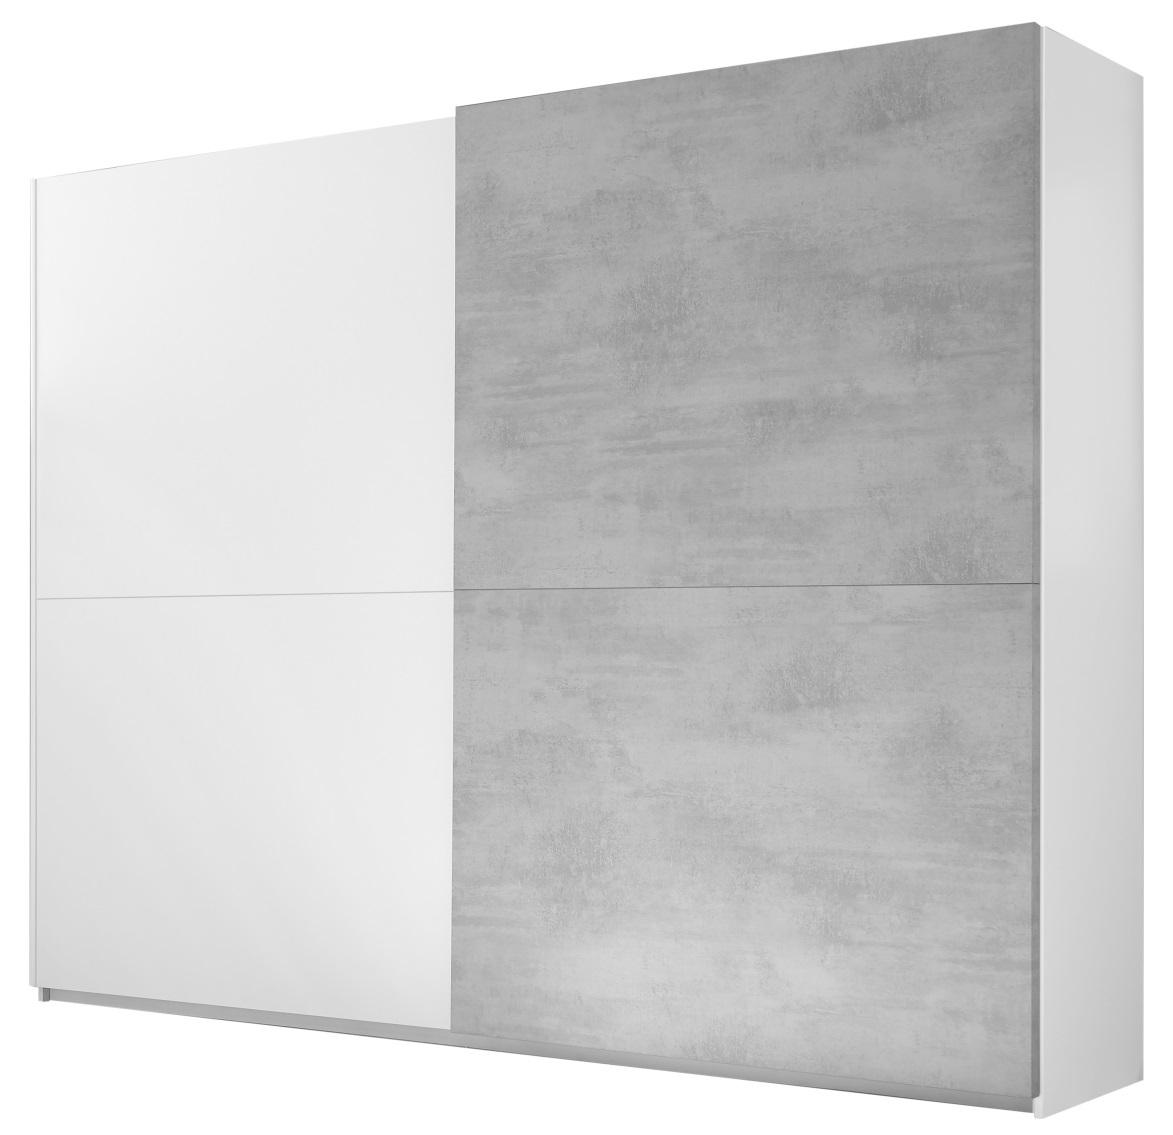 slaapkamerkast zweefdeurkast Amalti Full 220 cm breed in mat wit met grijs beton